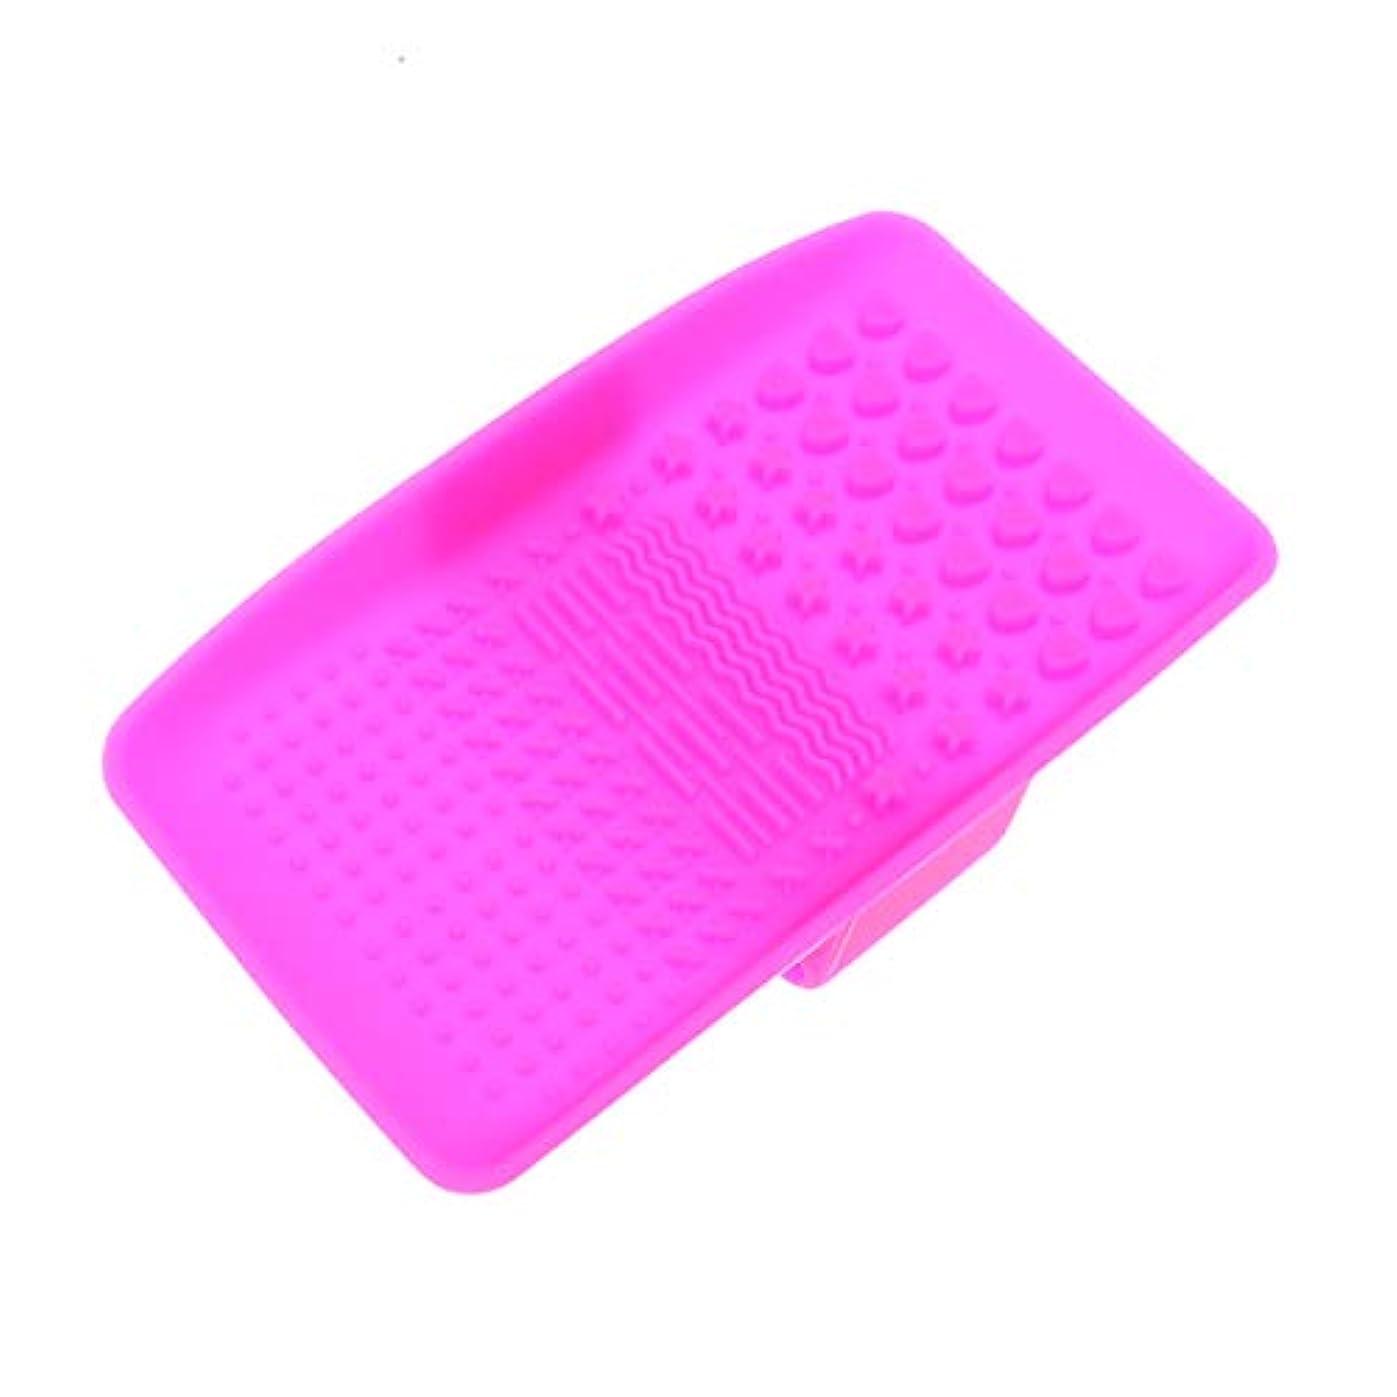 ながらレオナルドダのどBeaupretty 吸引ブラシが付いているシリコーンのブラシのクリーニングのマットの携帯用化粧品のブラシの洗剤